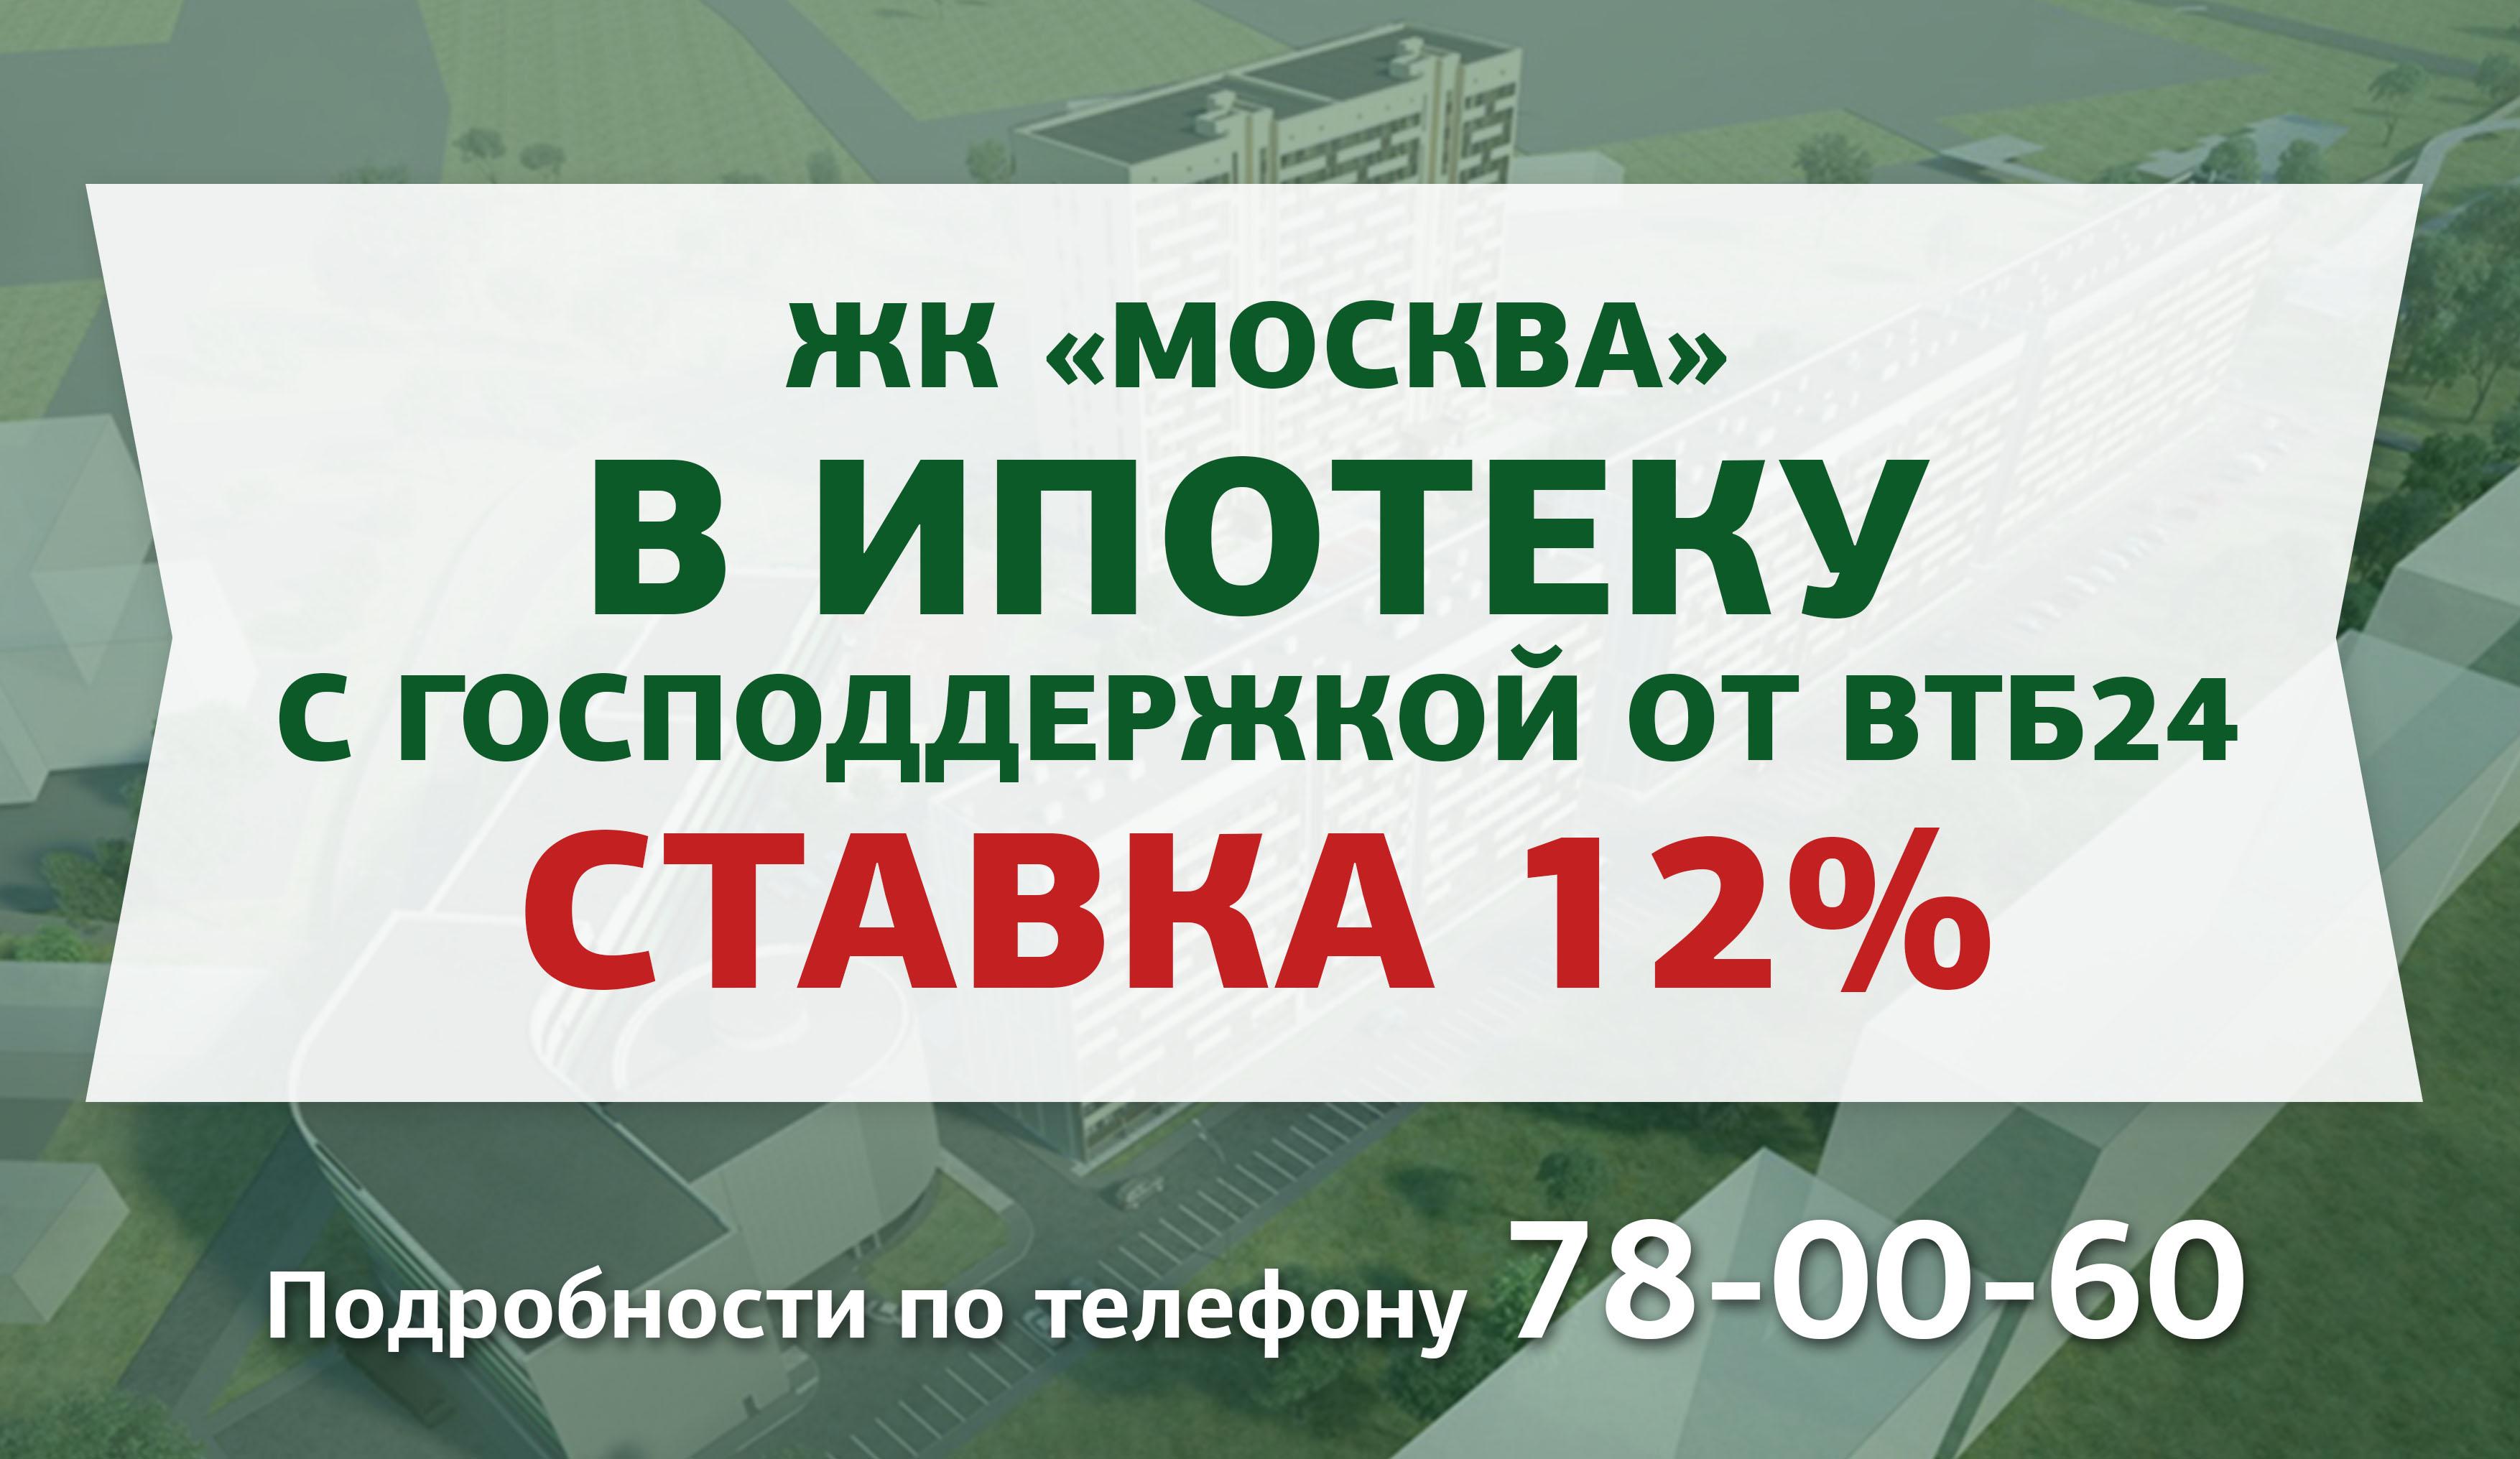 ЖК «Москва» в ипотеку с господдержкой